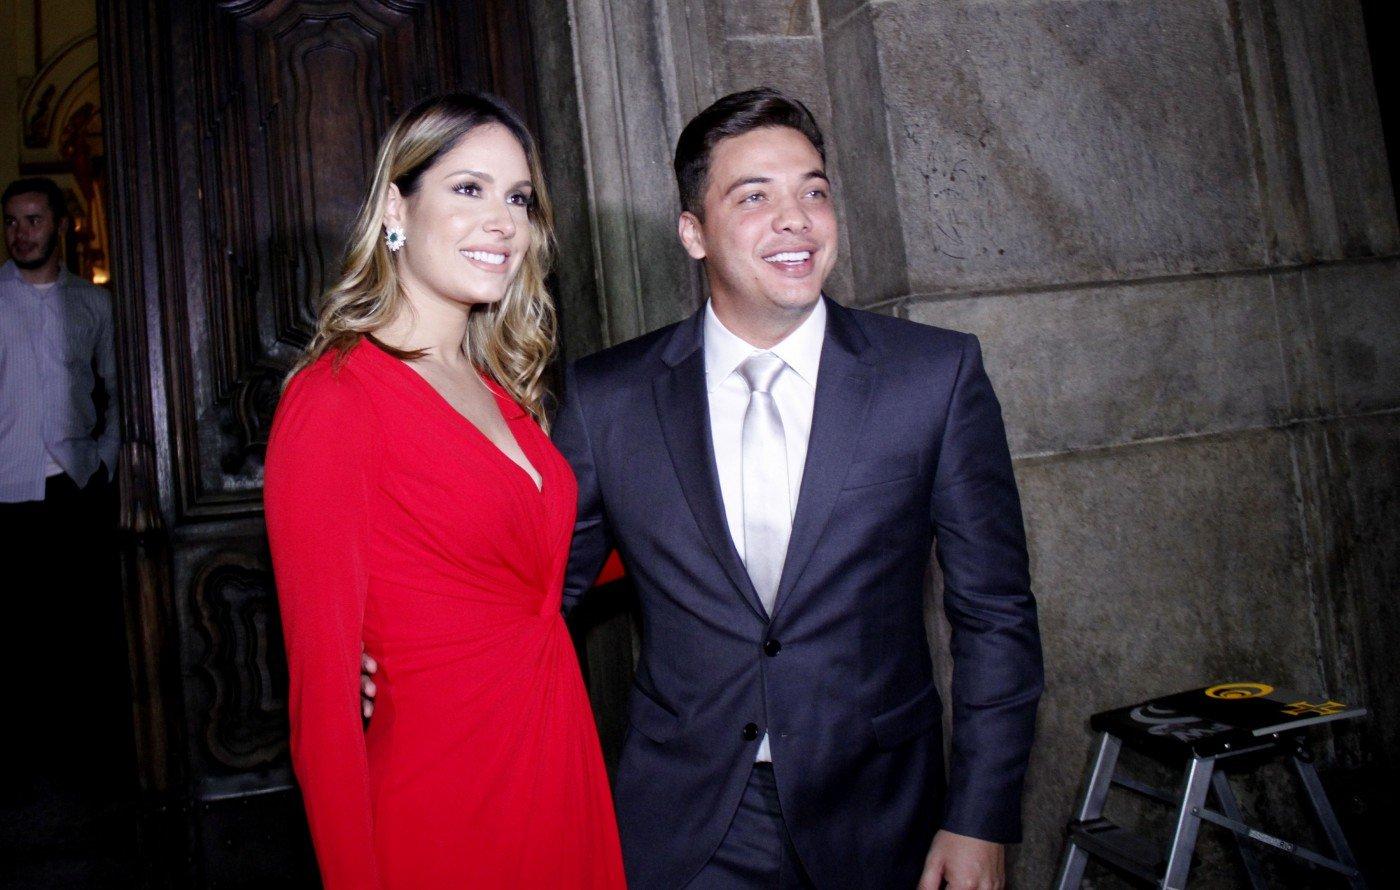 Wesley Safadão e a atual mulher, Thyane Dantas - Onofre Veras / Agência O Dia